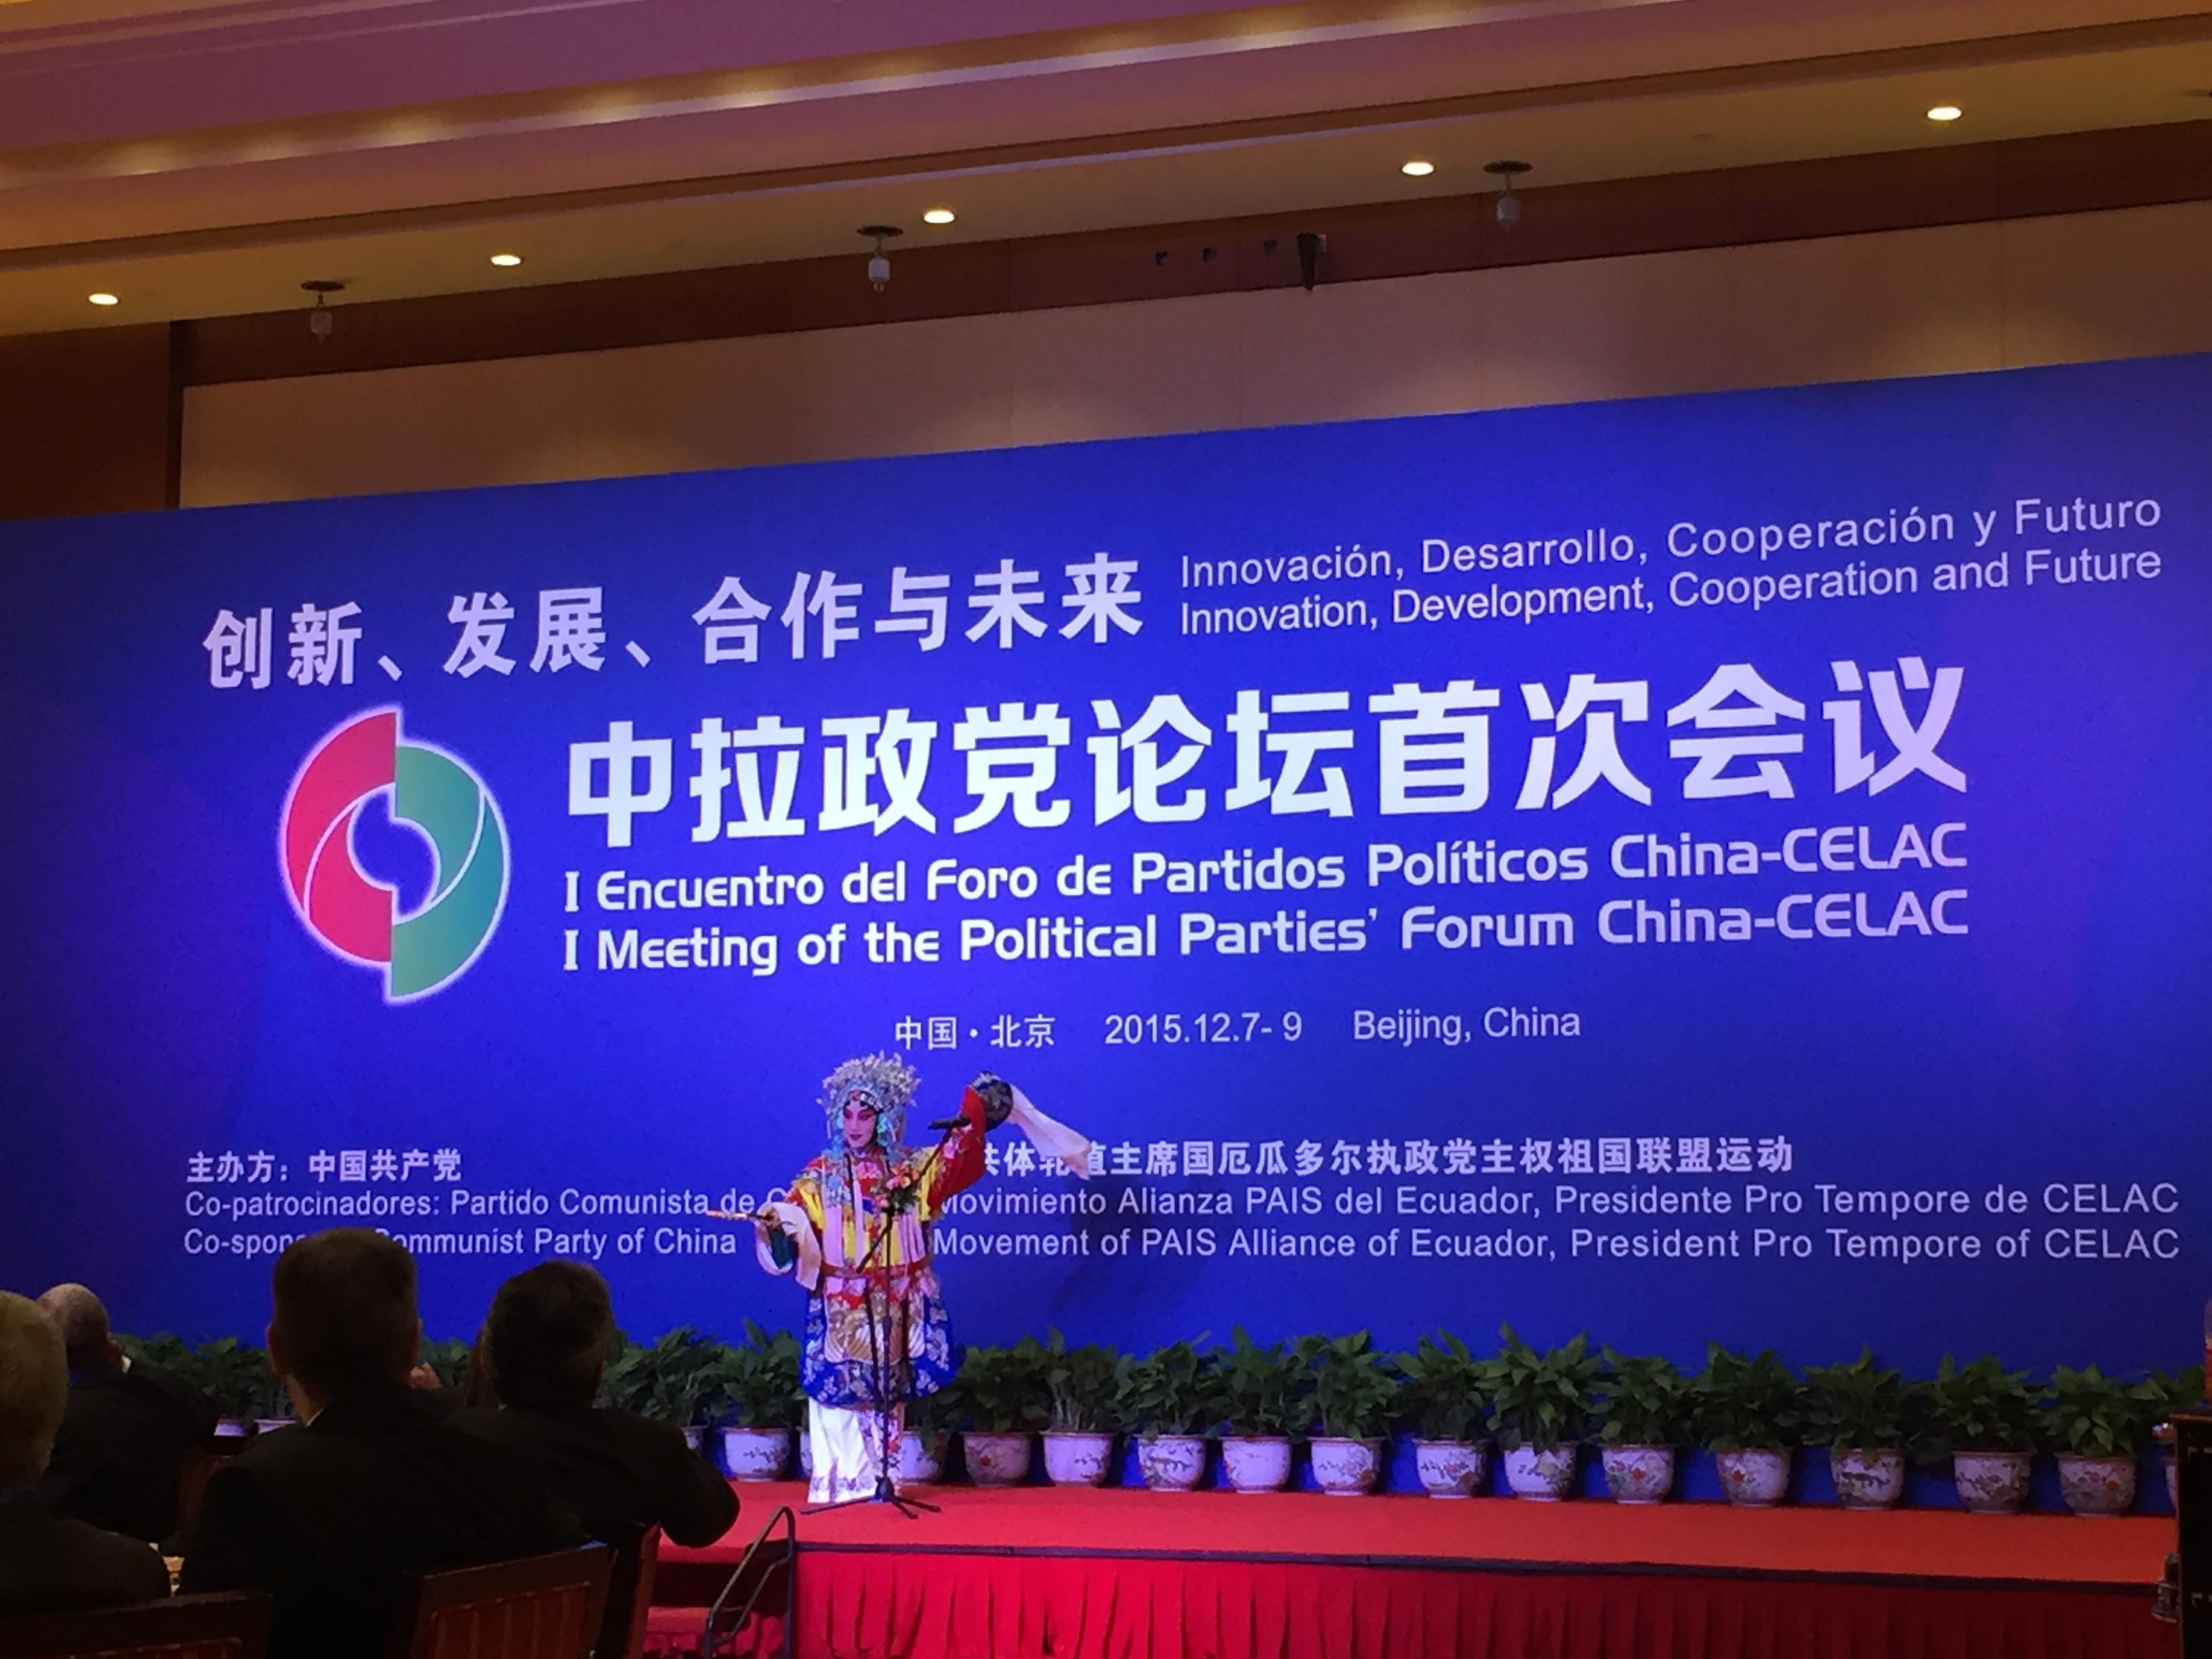 DISCURSO - FORO DE PARTIDOS POLÍTICOS CHINA -CELAC